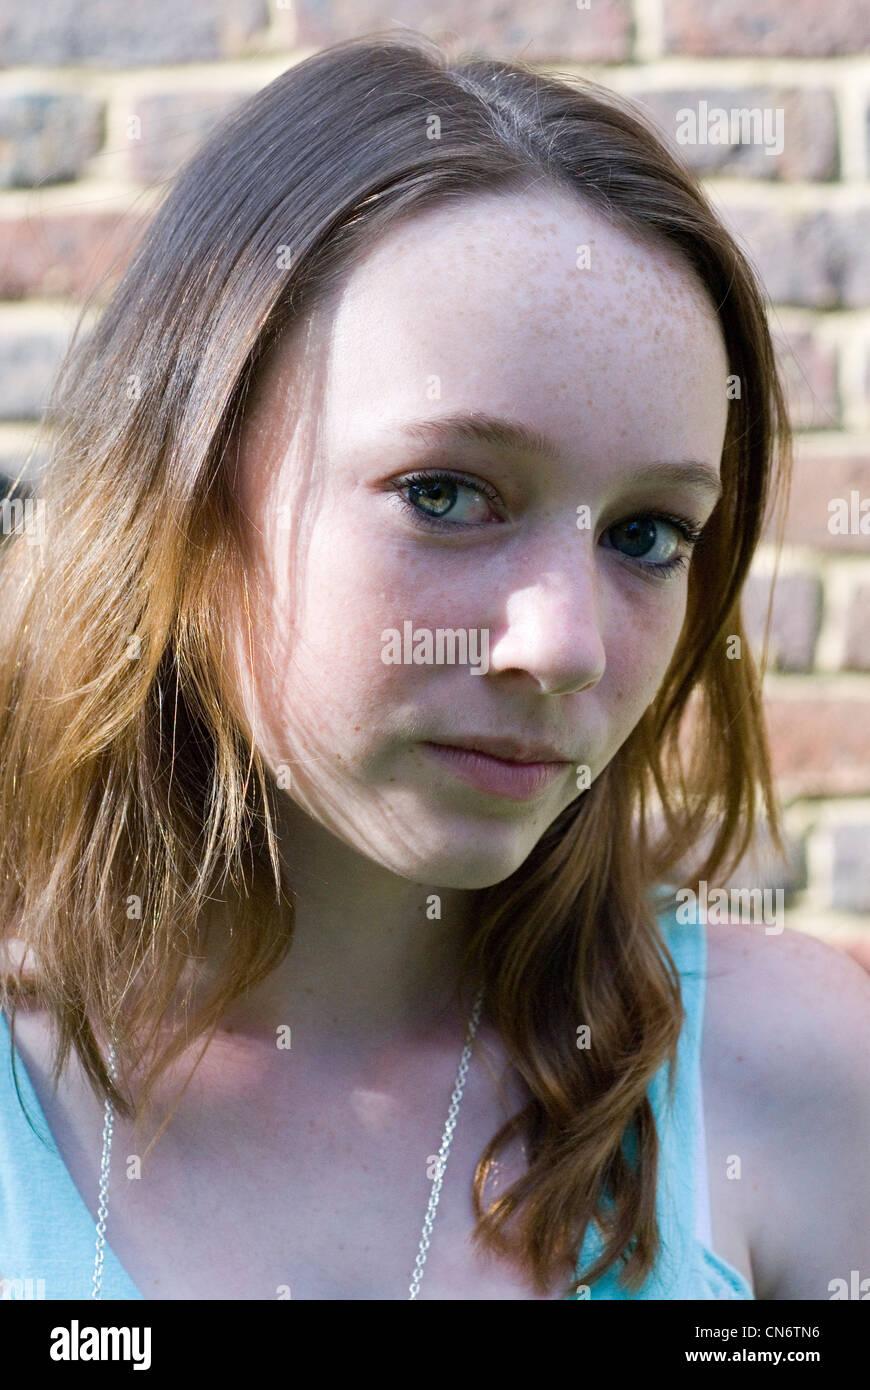 Portrait of teenage girl. - Stock Image